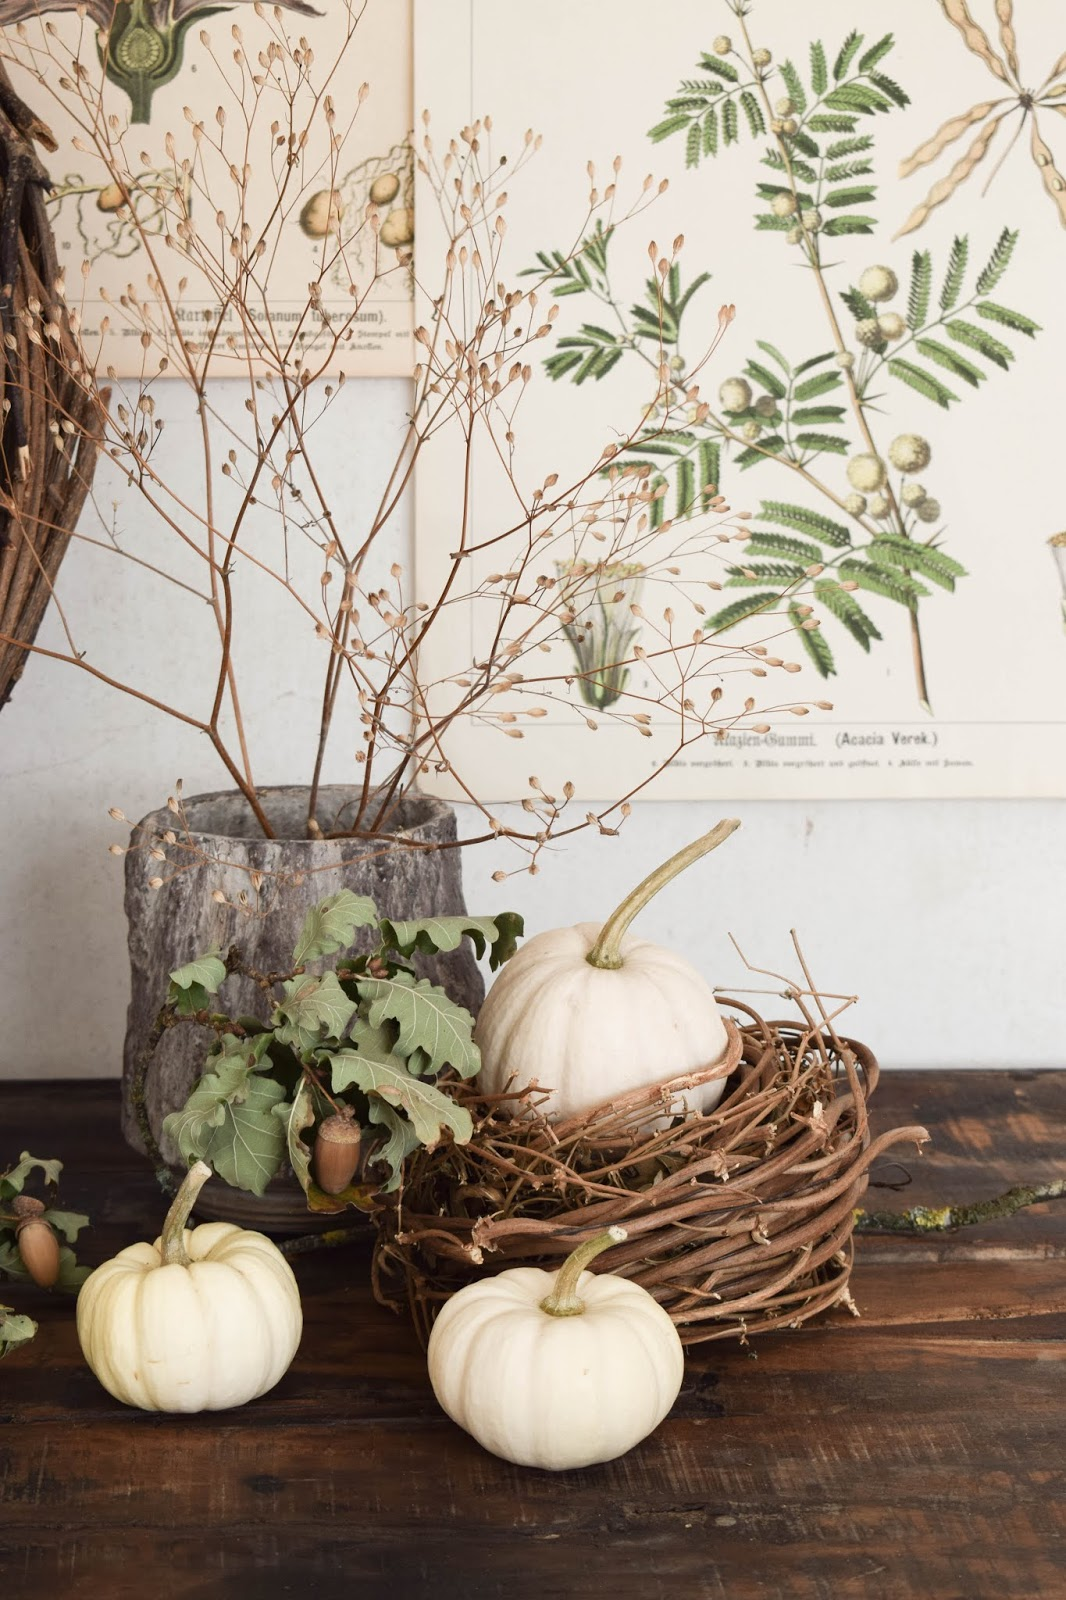 Herbstdeko für Konsole. Deko für den Herbst mit Kübrissen, Kränzen, Holz und botanischen Drucken. Dekoidee. Herbstlich dekorieren Wohnidee Sideboard Kürbis Nest